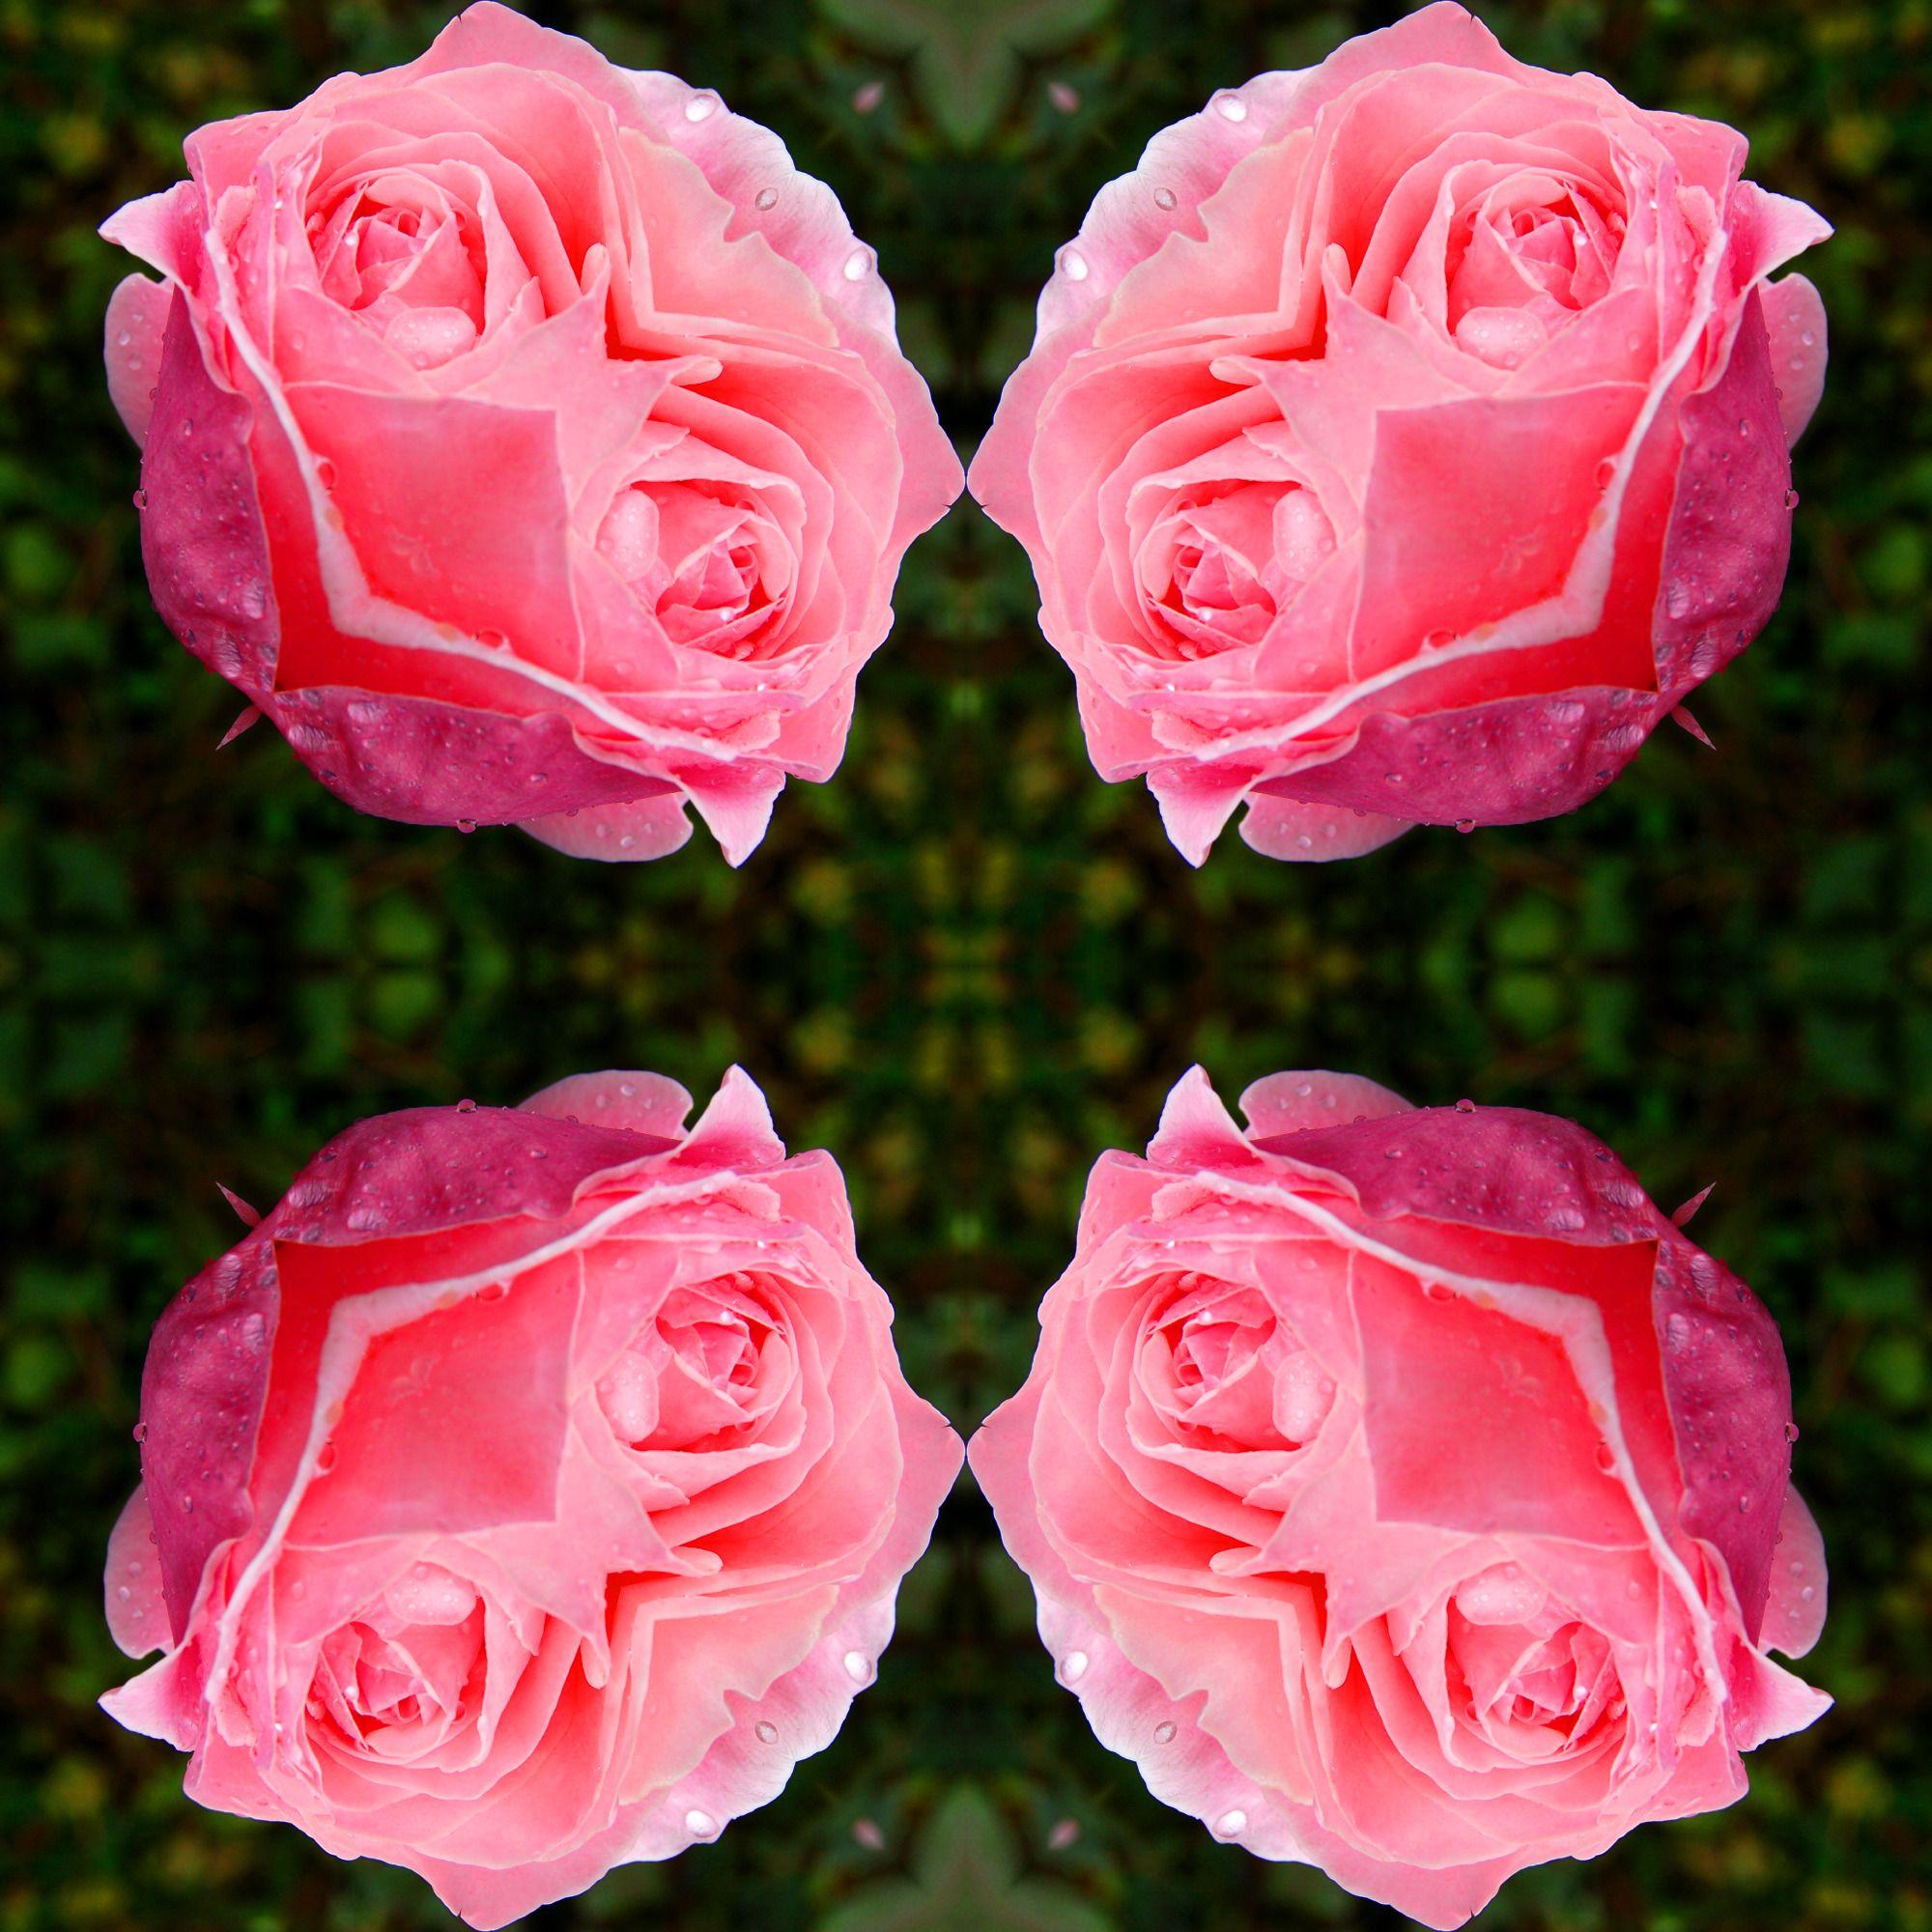 фаре легонько фоторедактор с эффектами цветы постепенно вставляйте рулоны